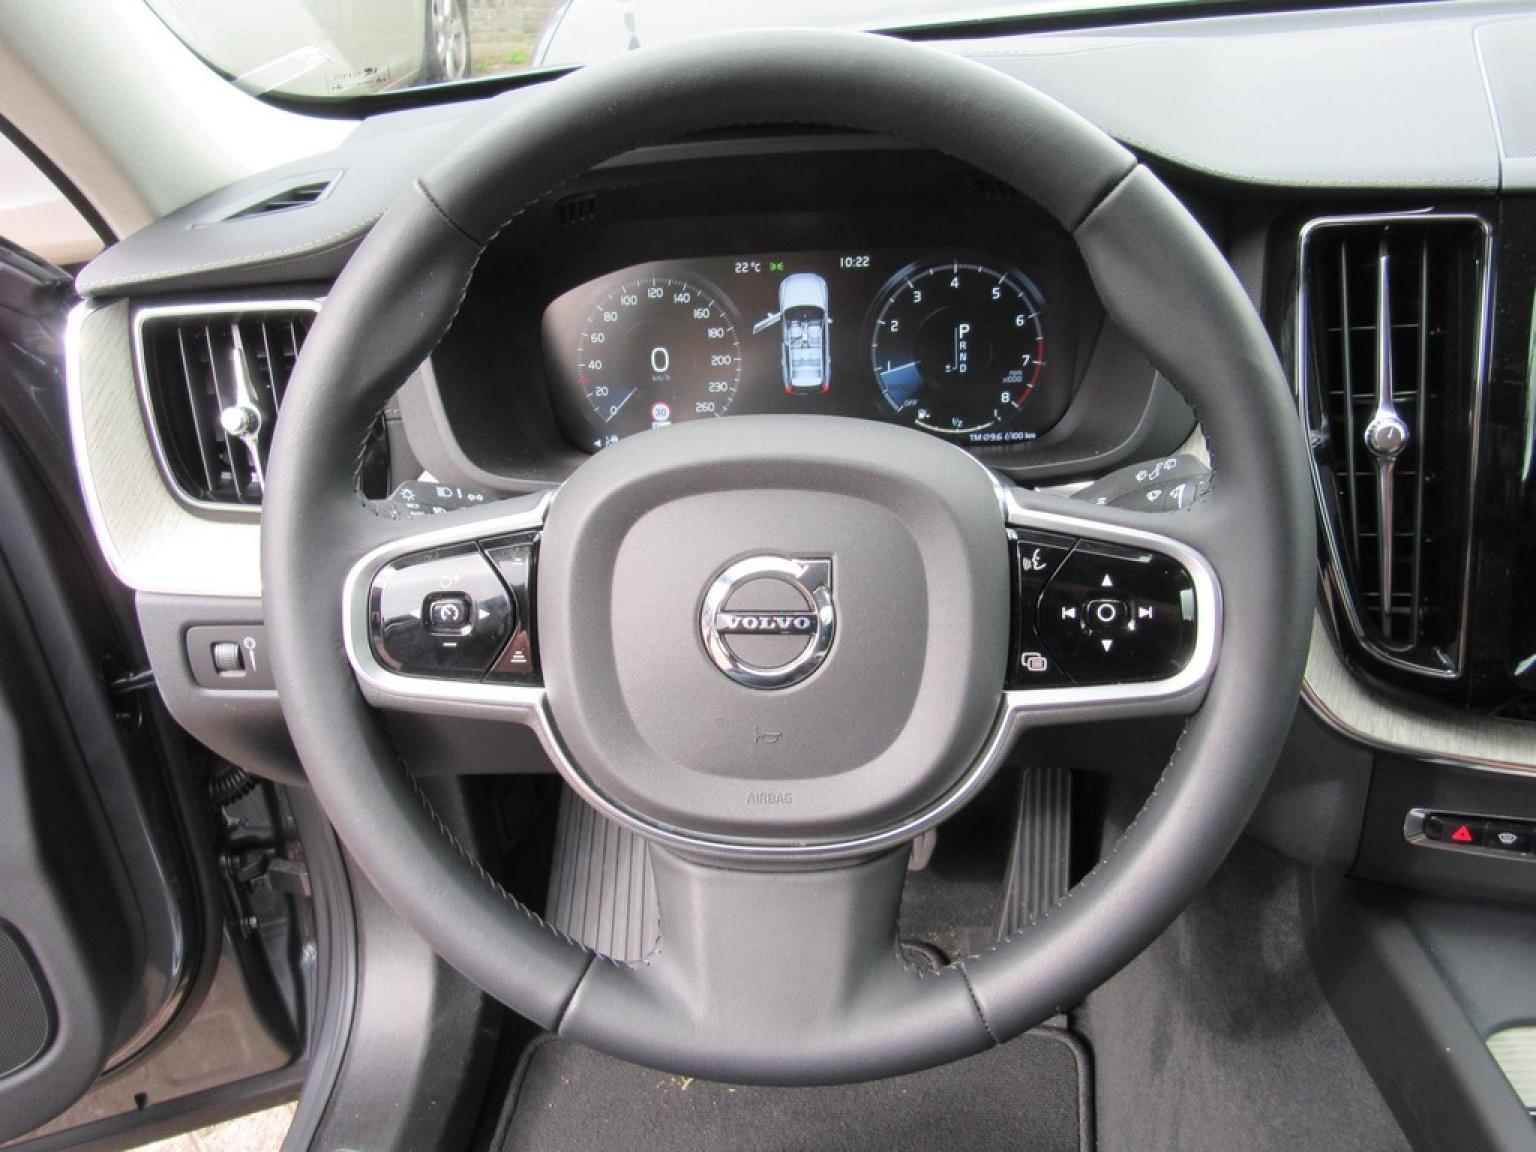 Volvo-XC60-12